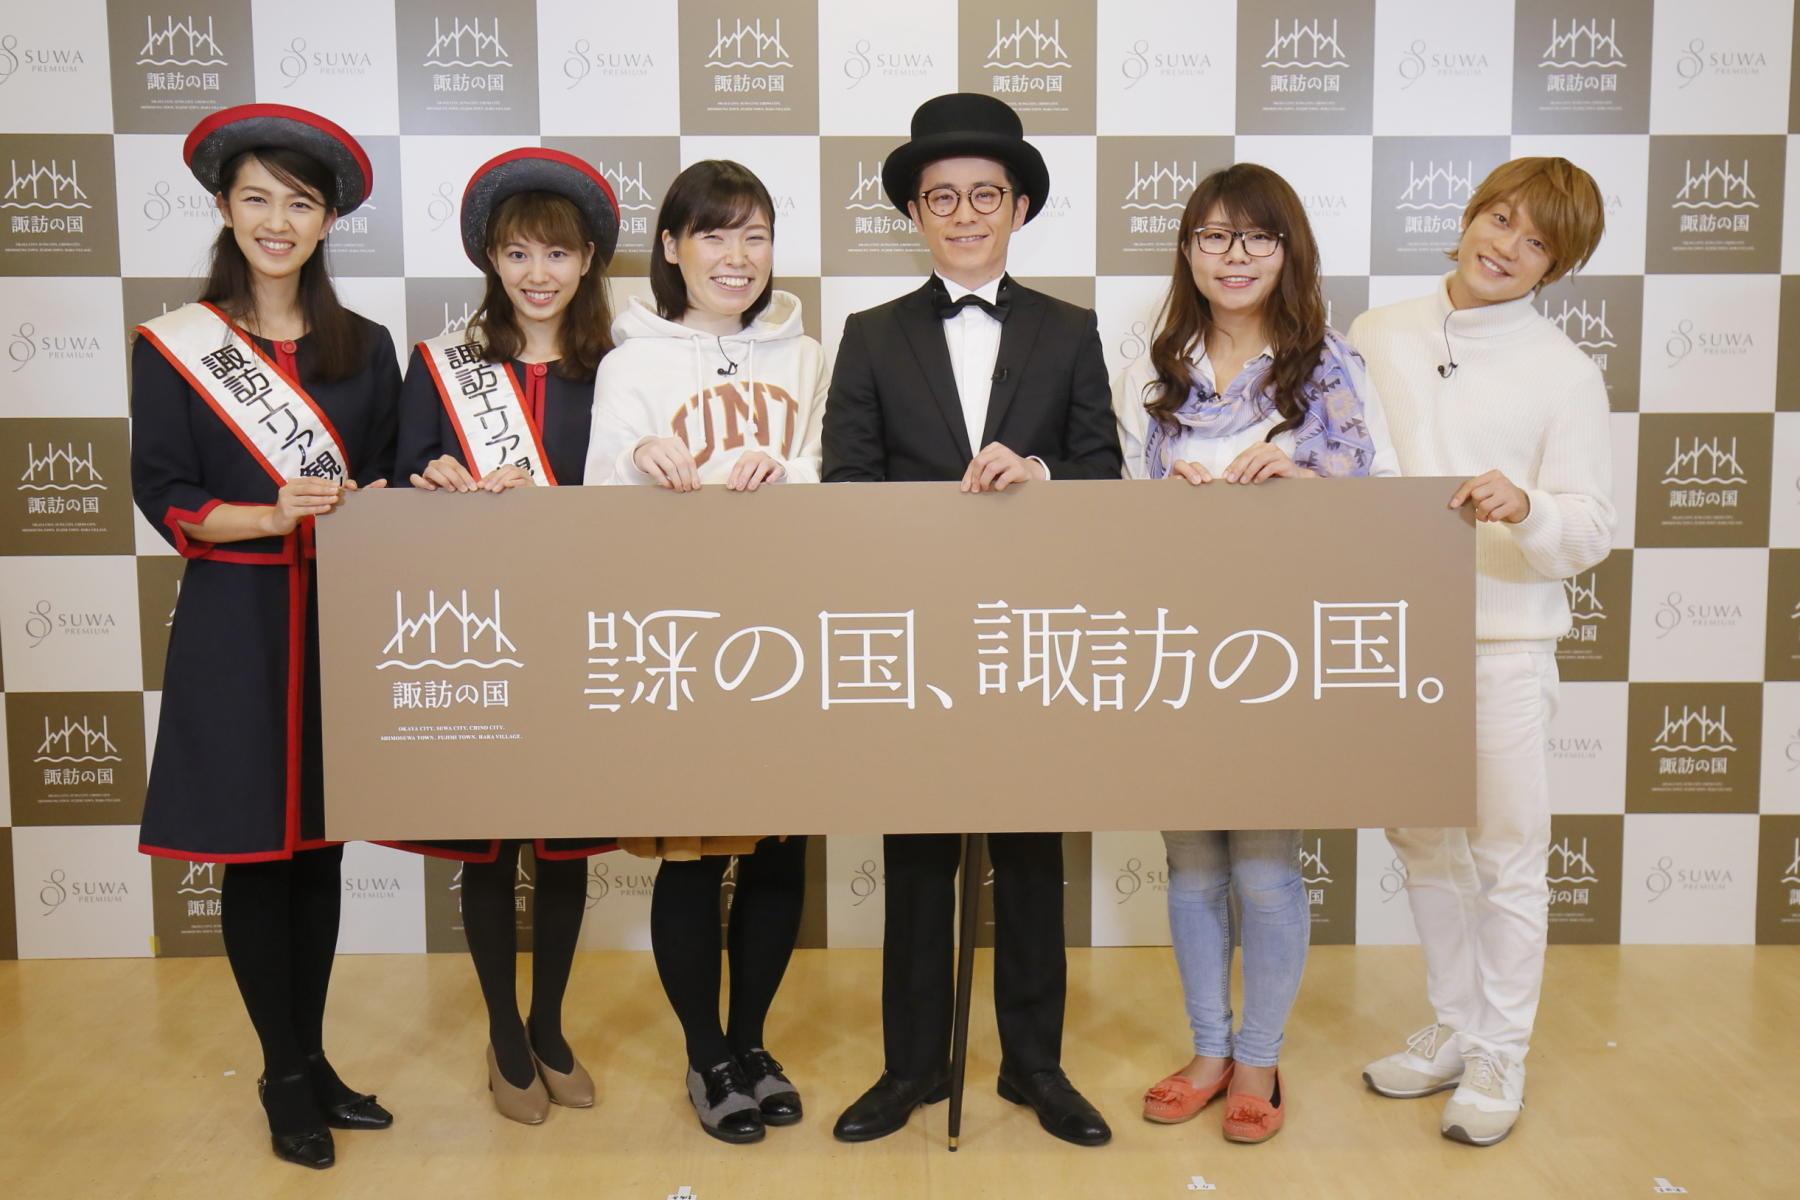 http://news.yoshimoto.co.jp/20171108161810-ddc0264b2c830fc2d7cefdbbe08891a9a5d2f46c.jpg